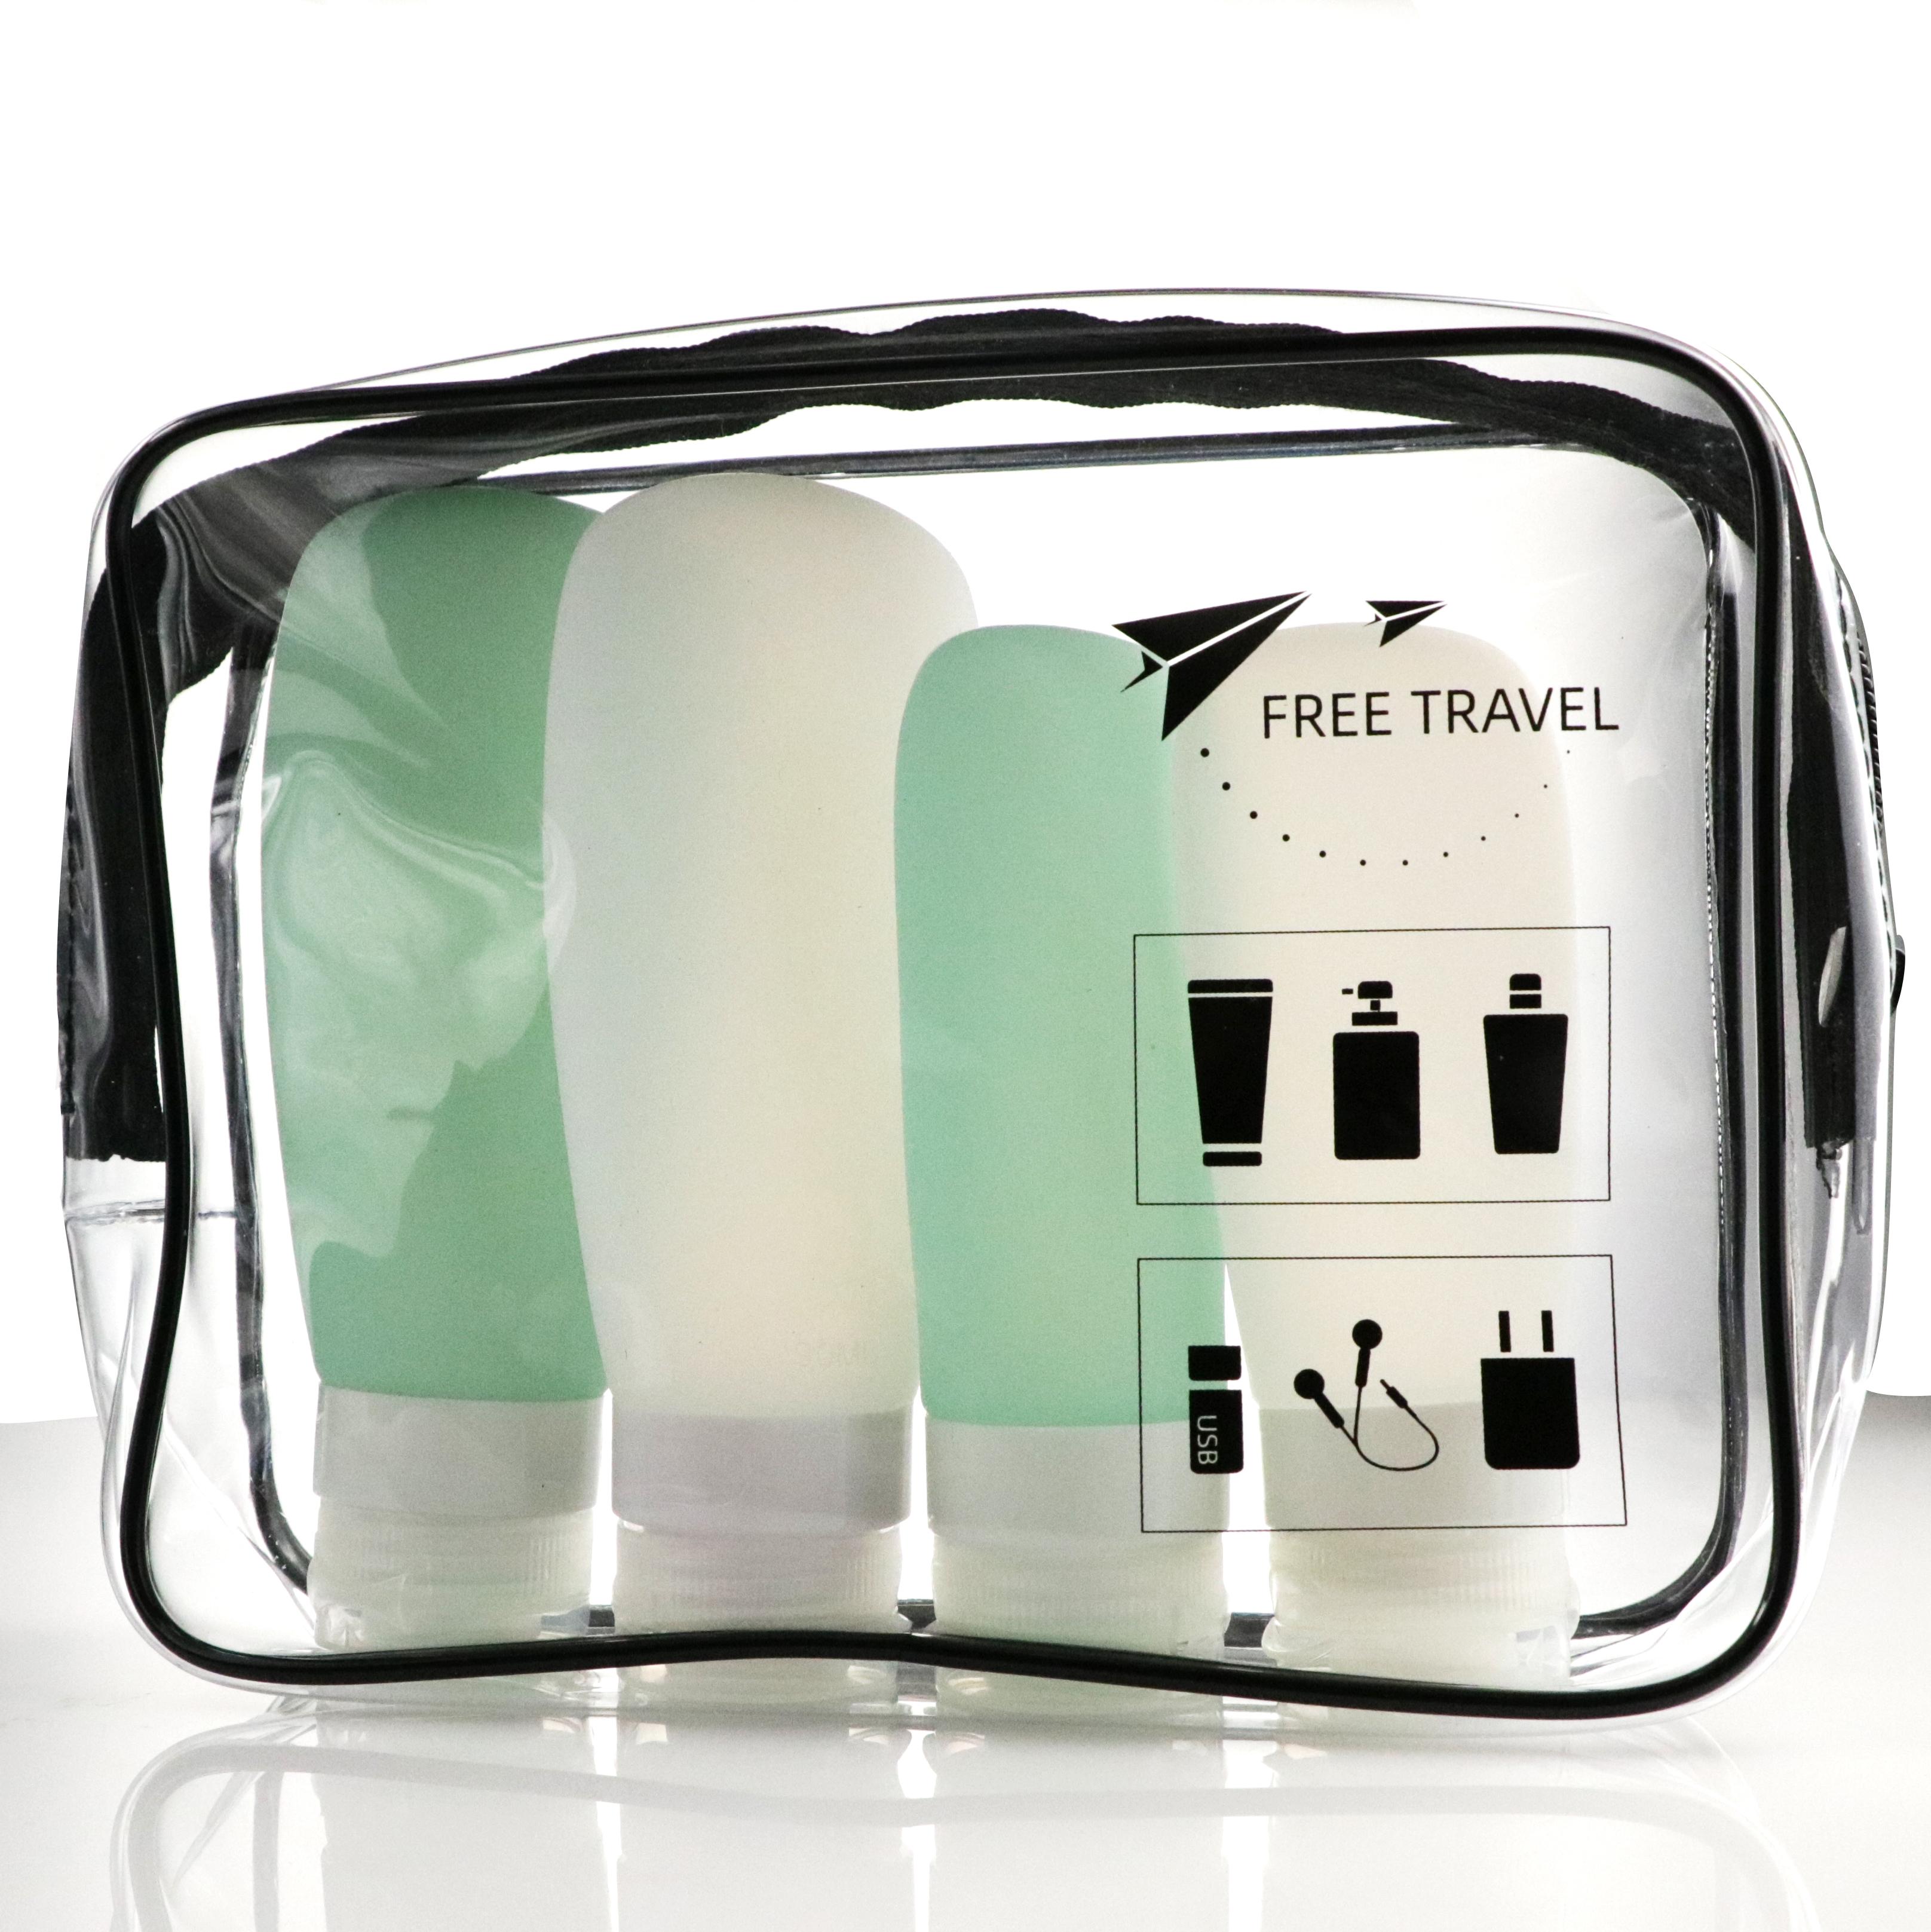 Новинка 2021, лидер продаж, базовый дорожный смарт-набор amazon, индивидуальный набор силиконовых бутылок для путешествий 89 мл, комплект для женщин